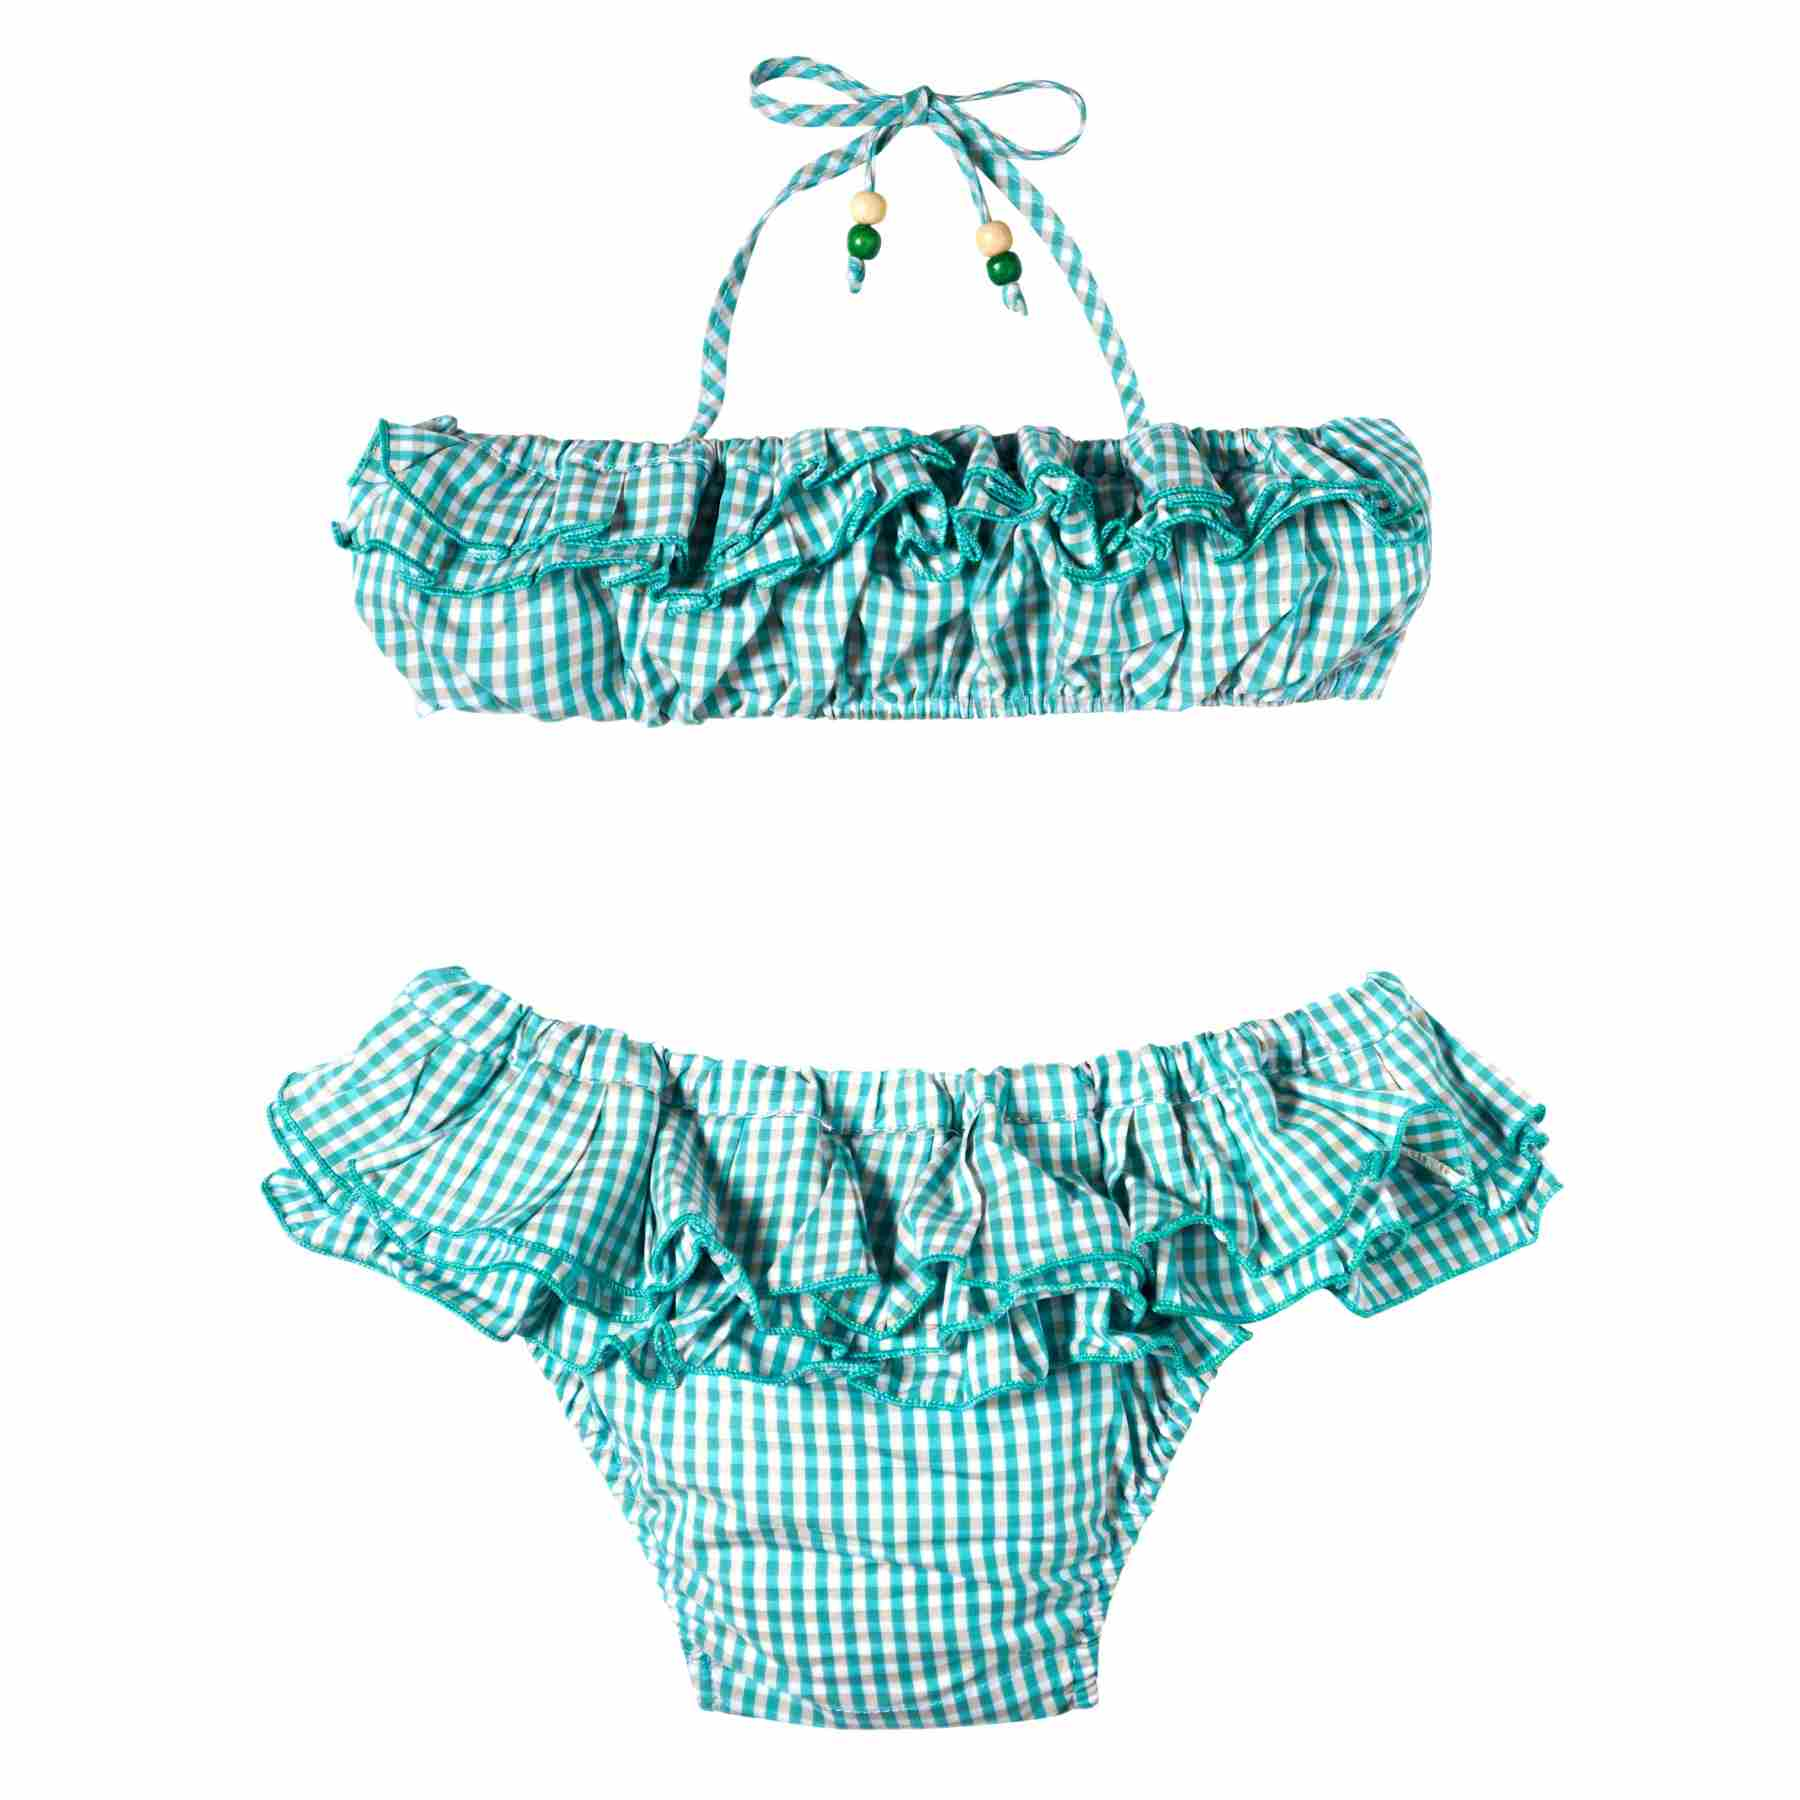 maillot bikini deux pièces à carreaux vichy vert blanc et gris pour petites filles de 2 à 12 ans